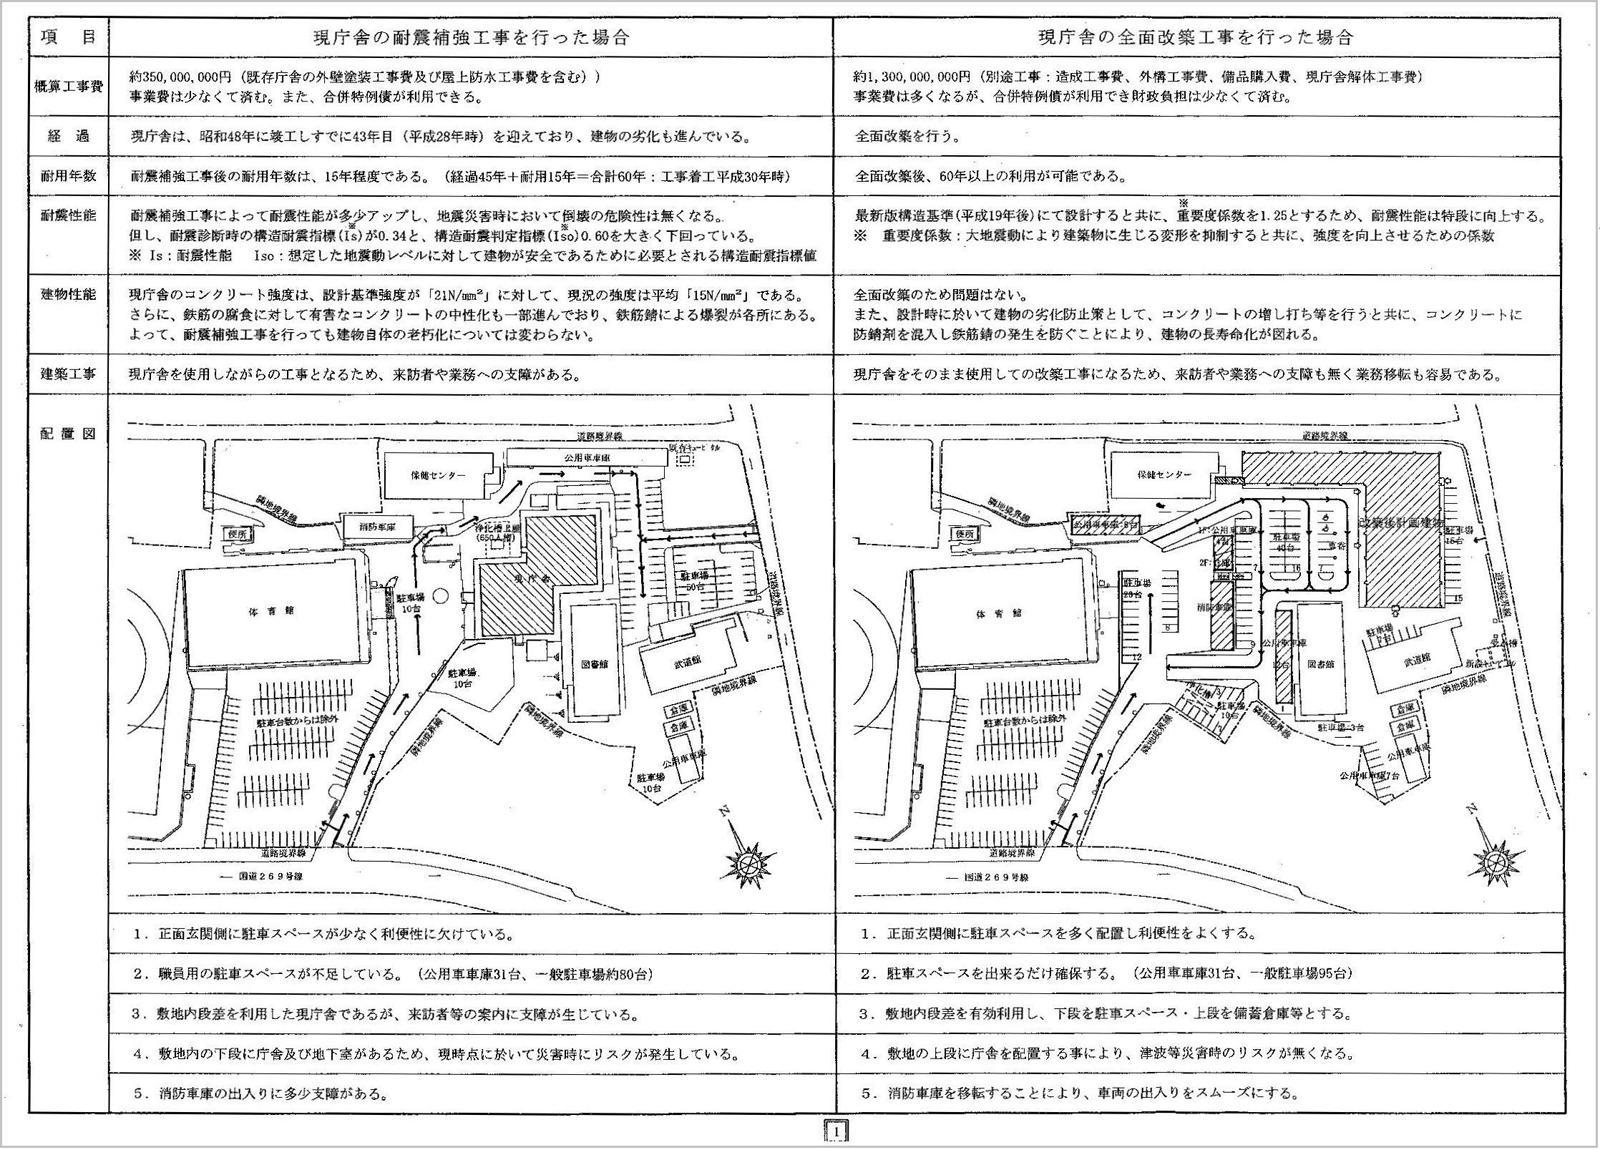 http://hunter-investigate.jp/news/2017/04/04/20170401_h01-02.jpg